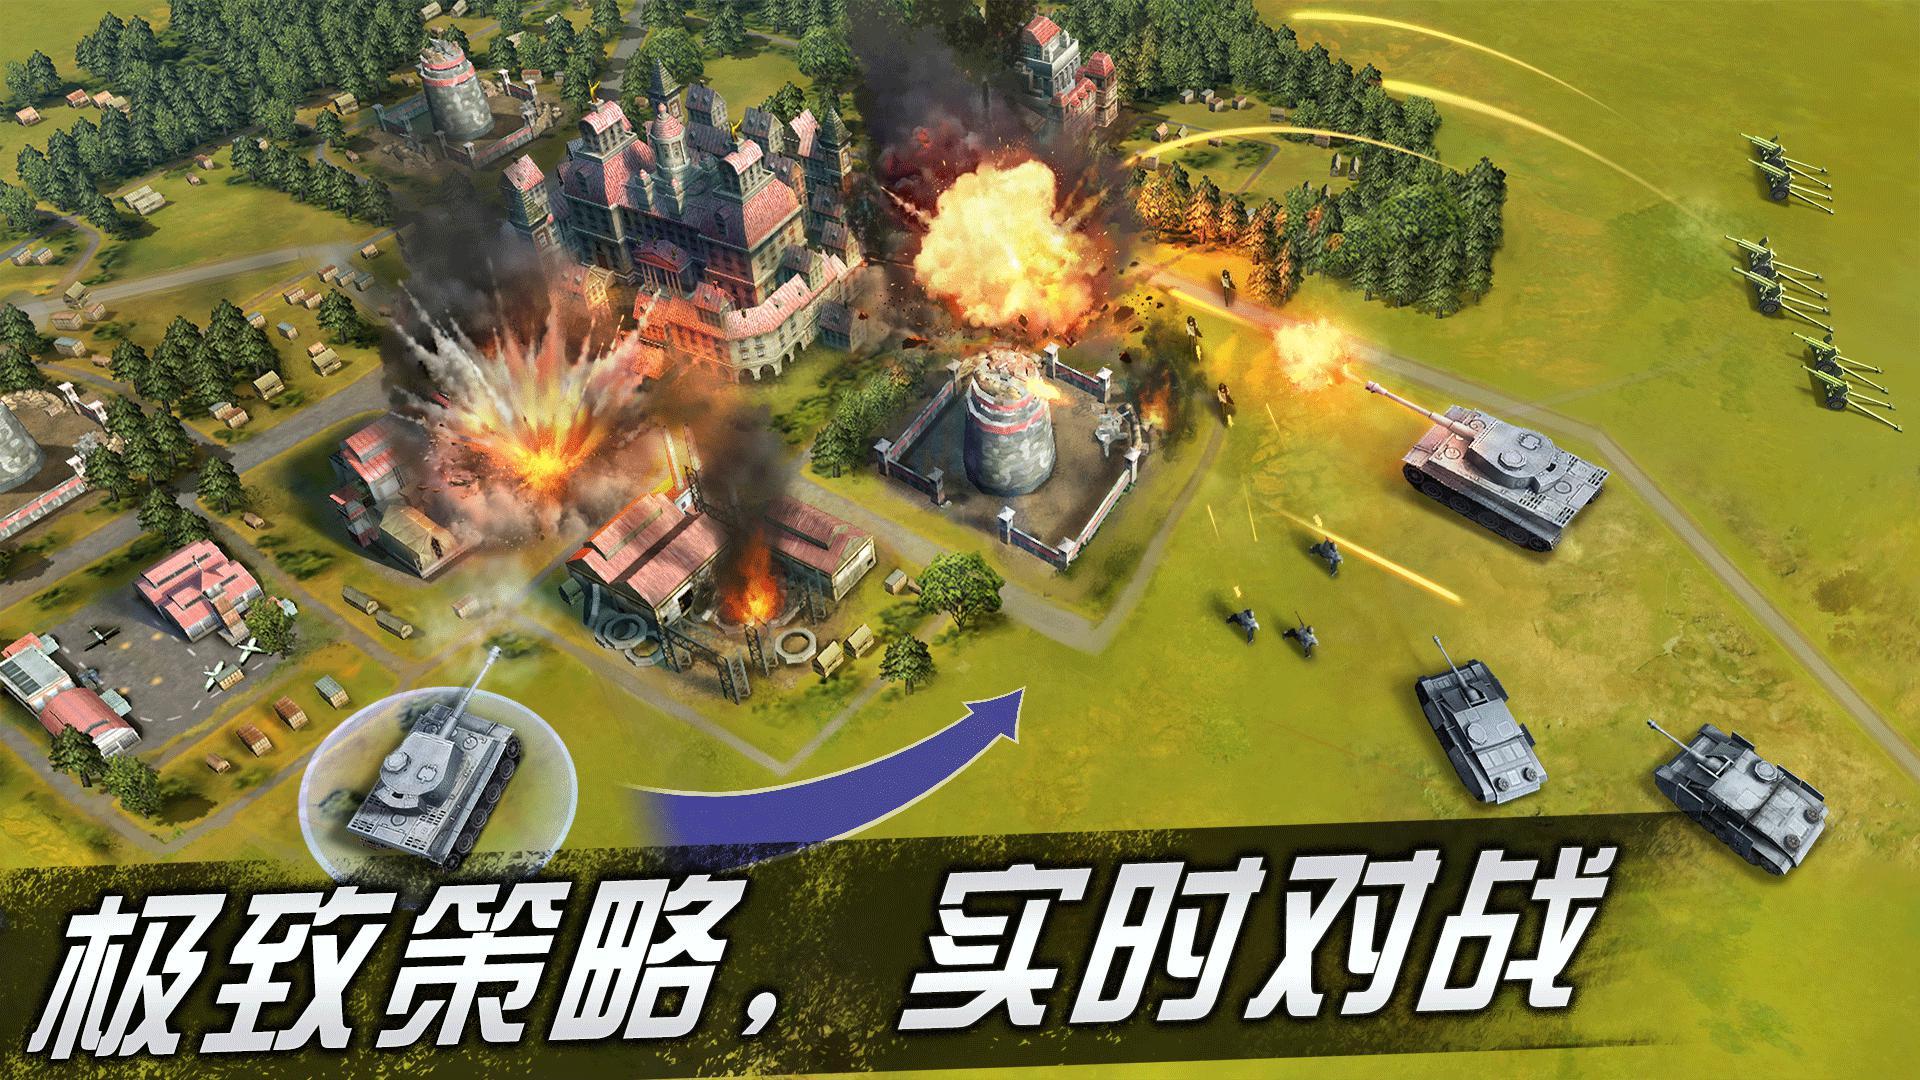 二战风云2(World Warfare) 游戏截图1